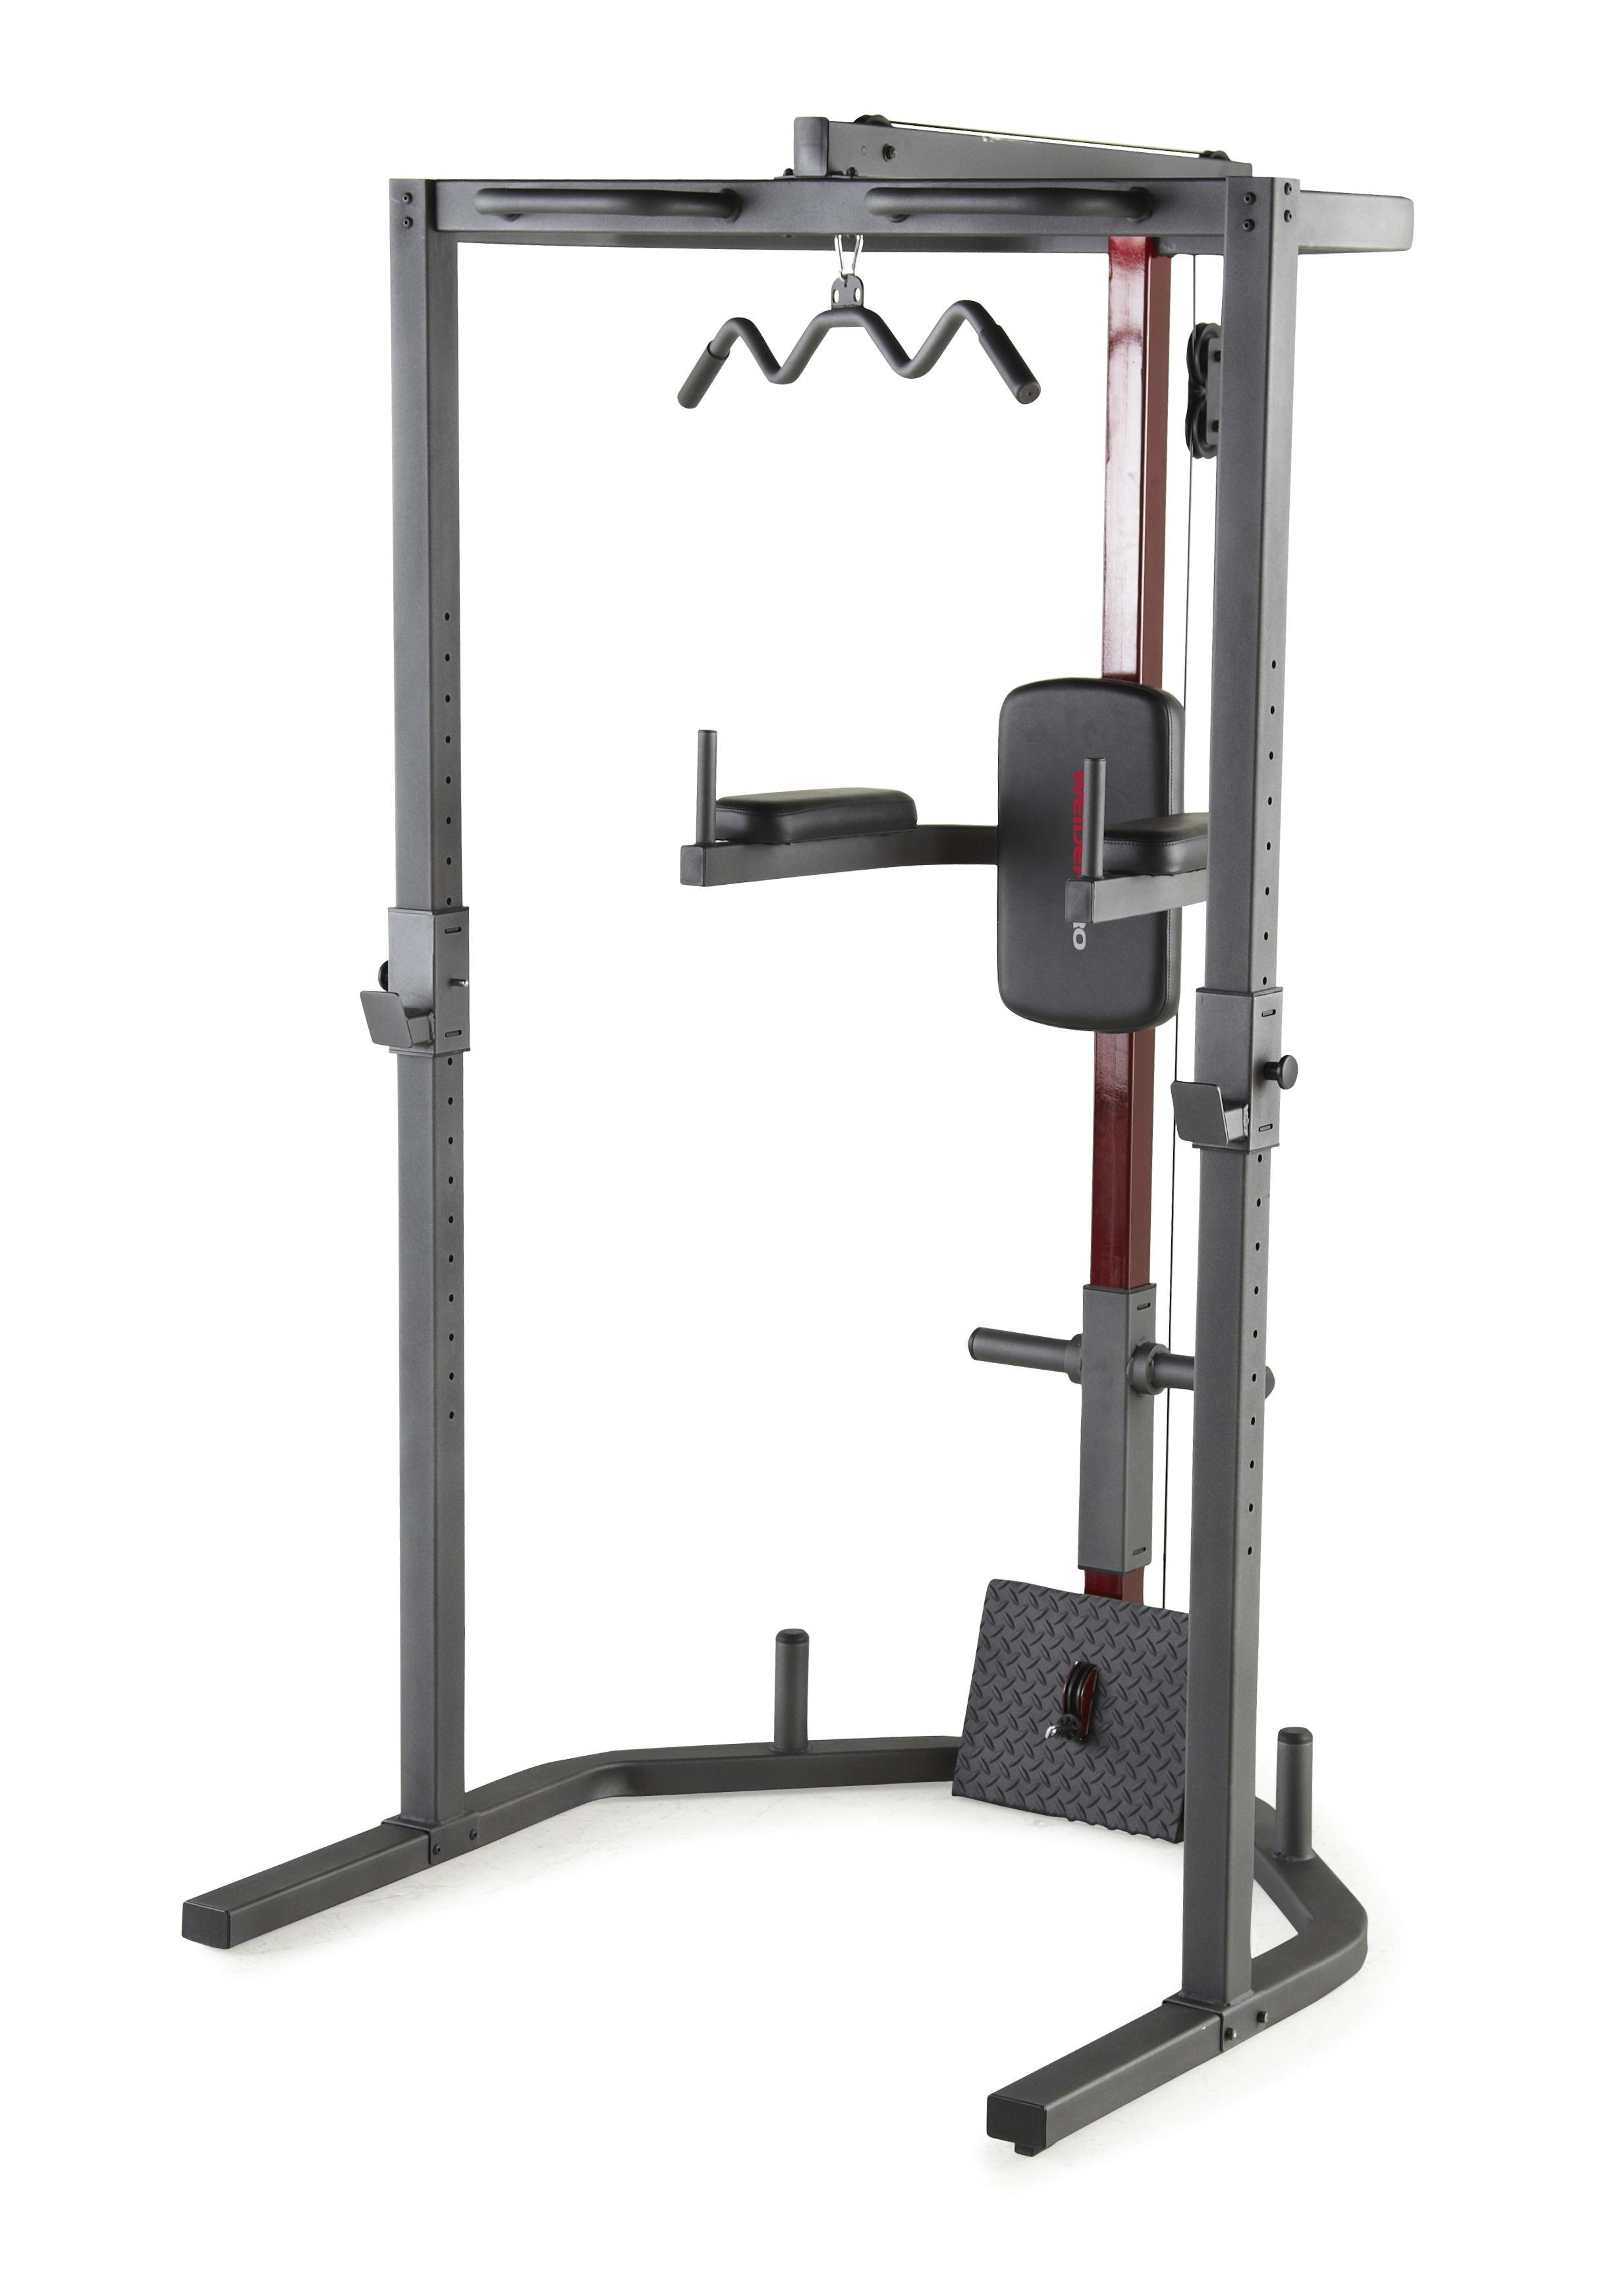 weider pro power rack home gym weight trainer